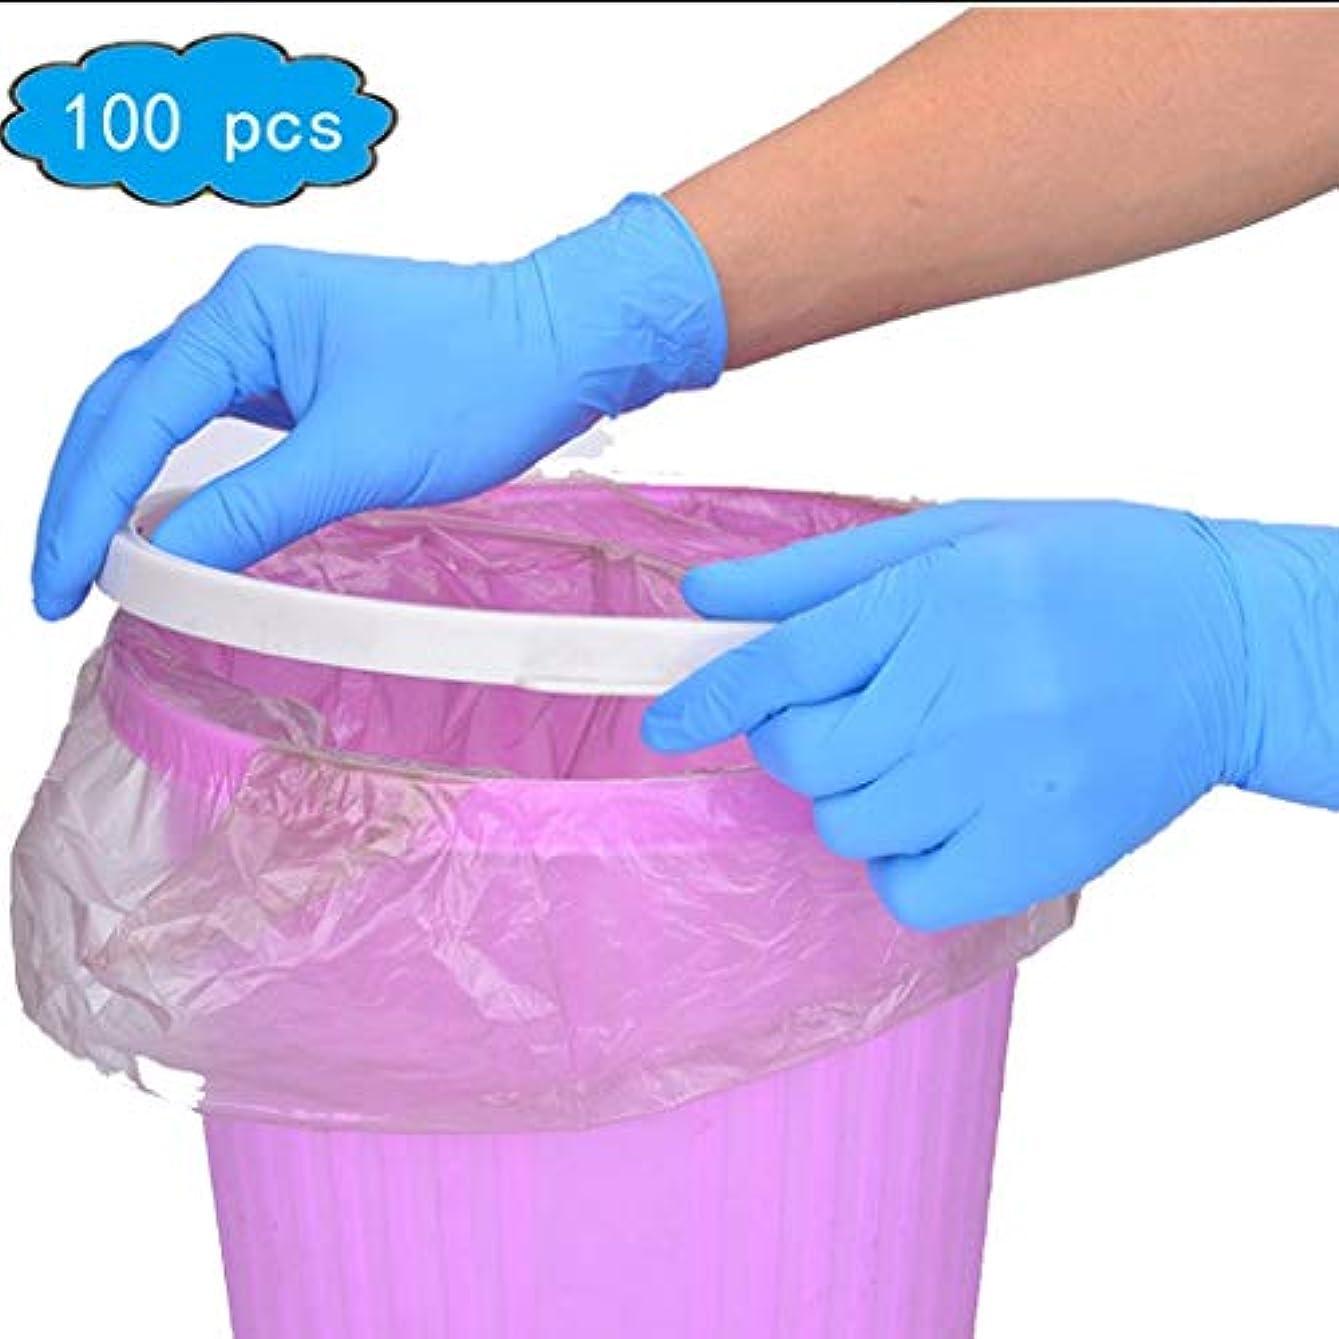 不定複雑な韻使い捨てニトリルグローブ、医療用品&機器、テクスチャ指先、フードセーフ、ツール&ホーム改善、塗装、(青、大)100箱、家庭用品、ラテックス手袋使い捨て (Color : Blue, Size : S)